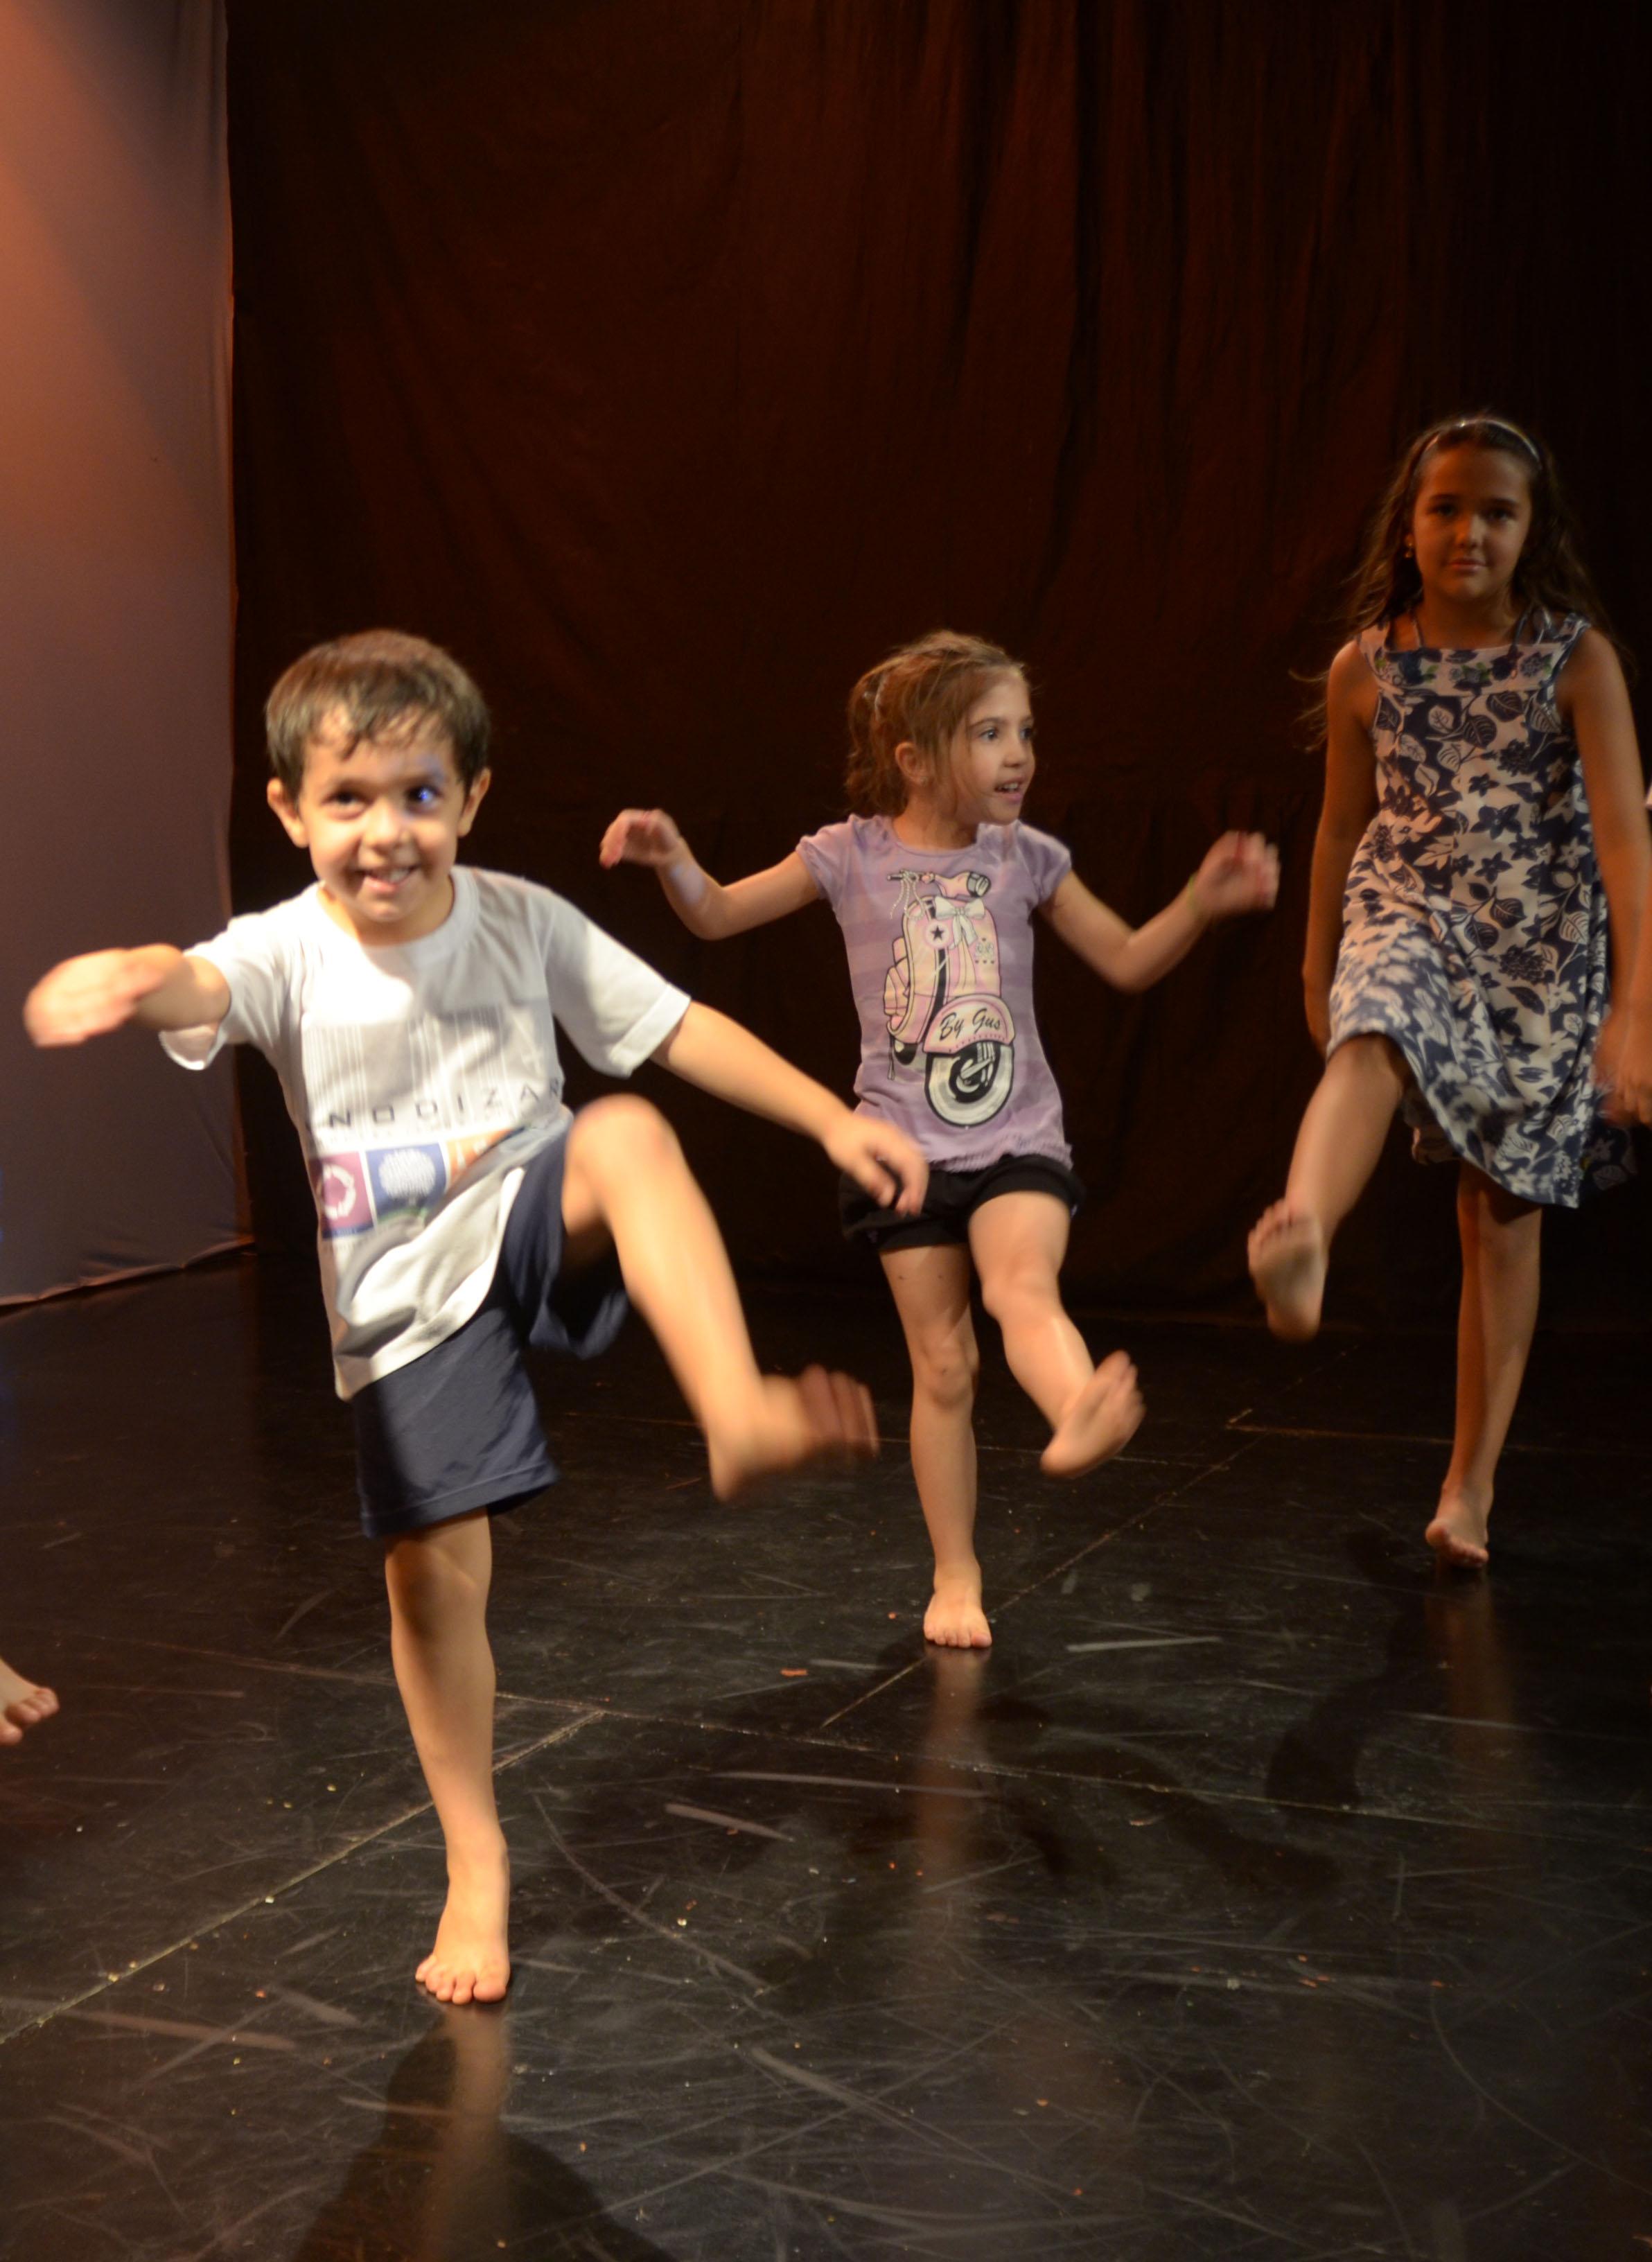 36d38825d4 Vivência musical e corporal aprendendo a tocar e dançar, relacionando som e  movimento.